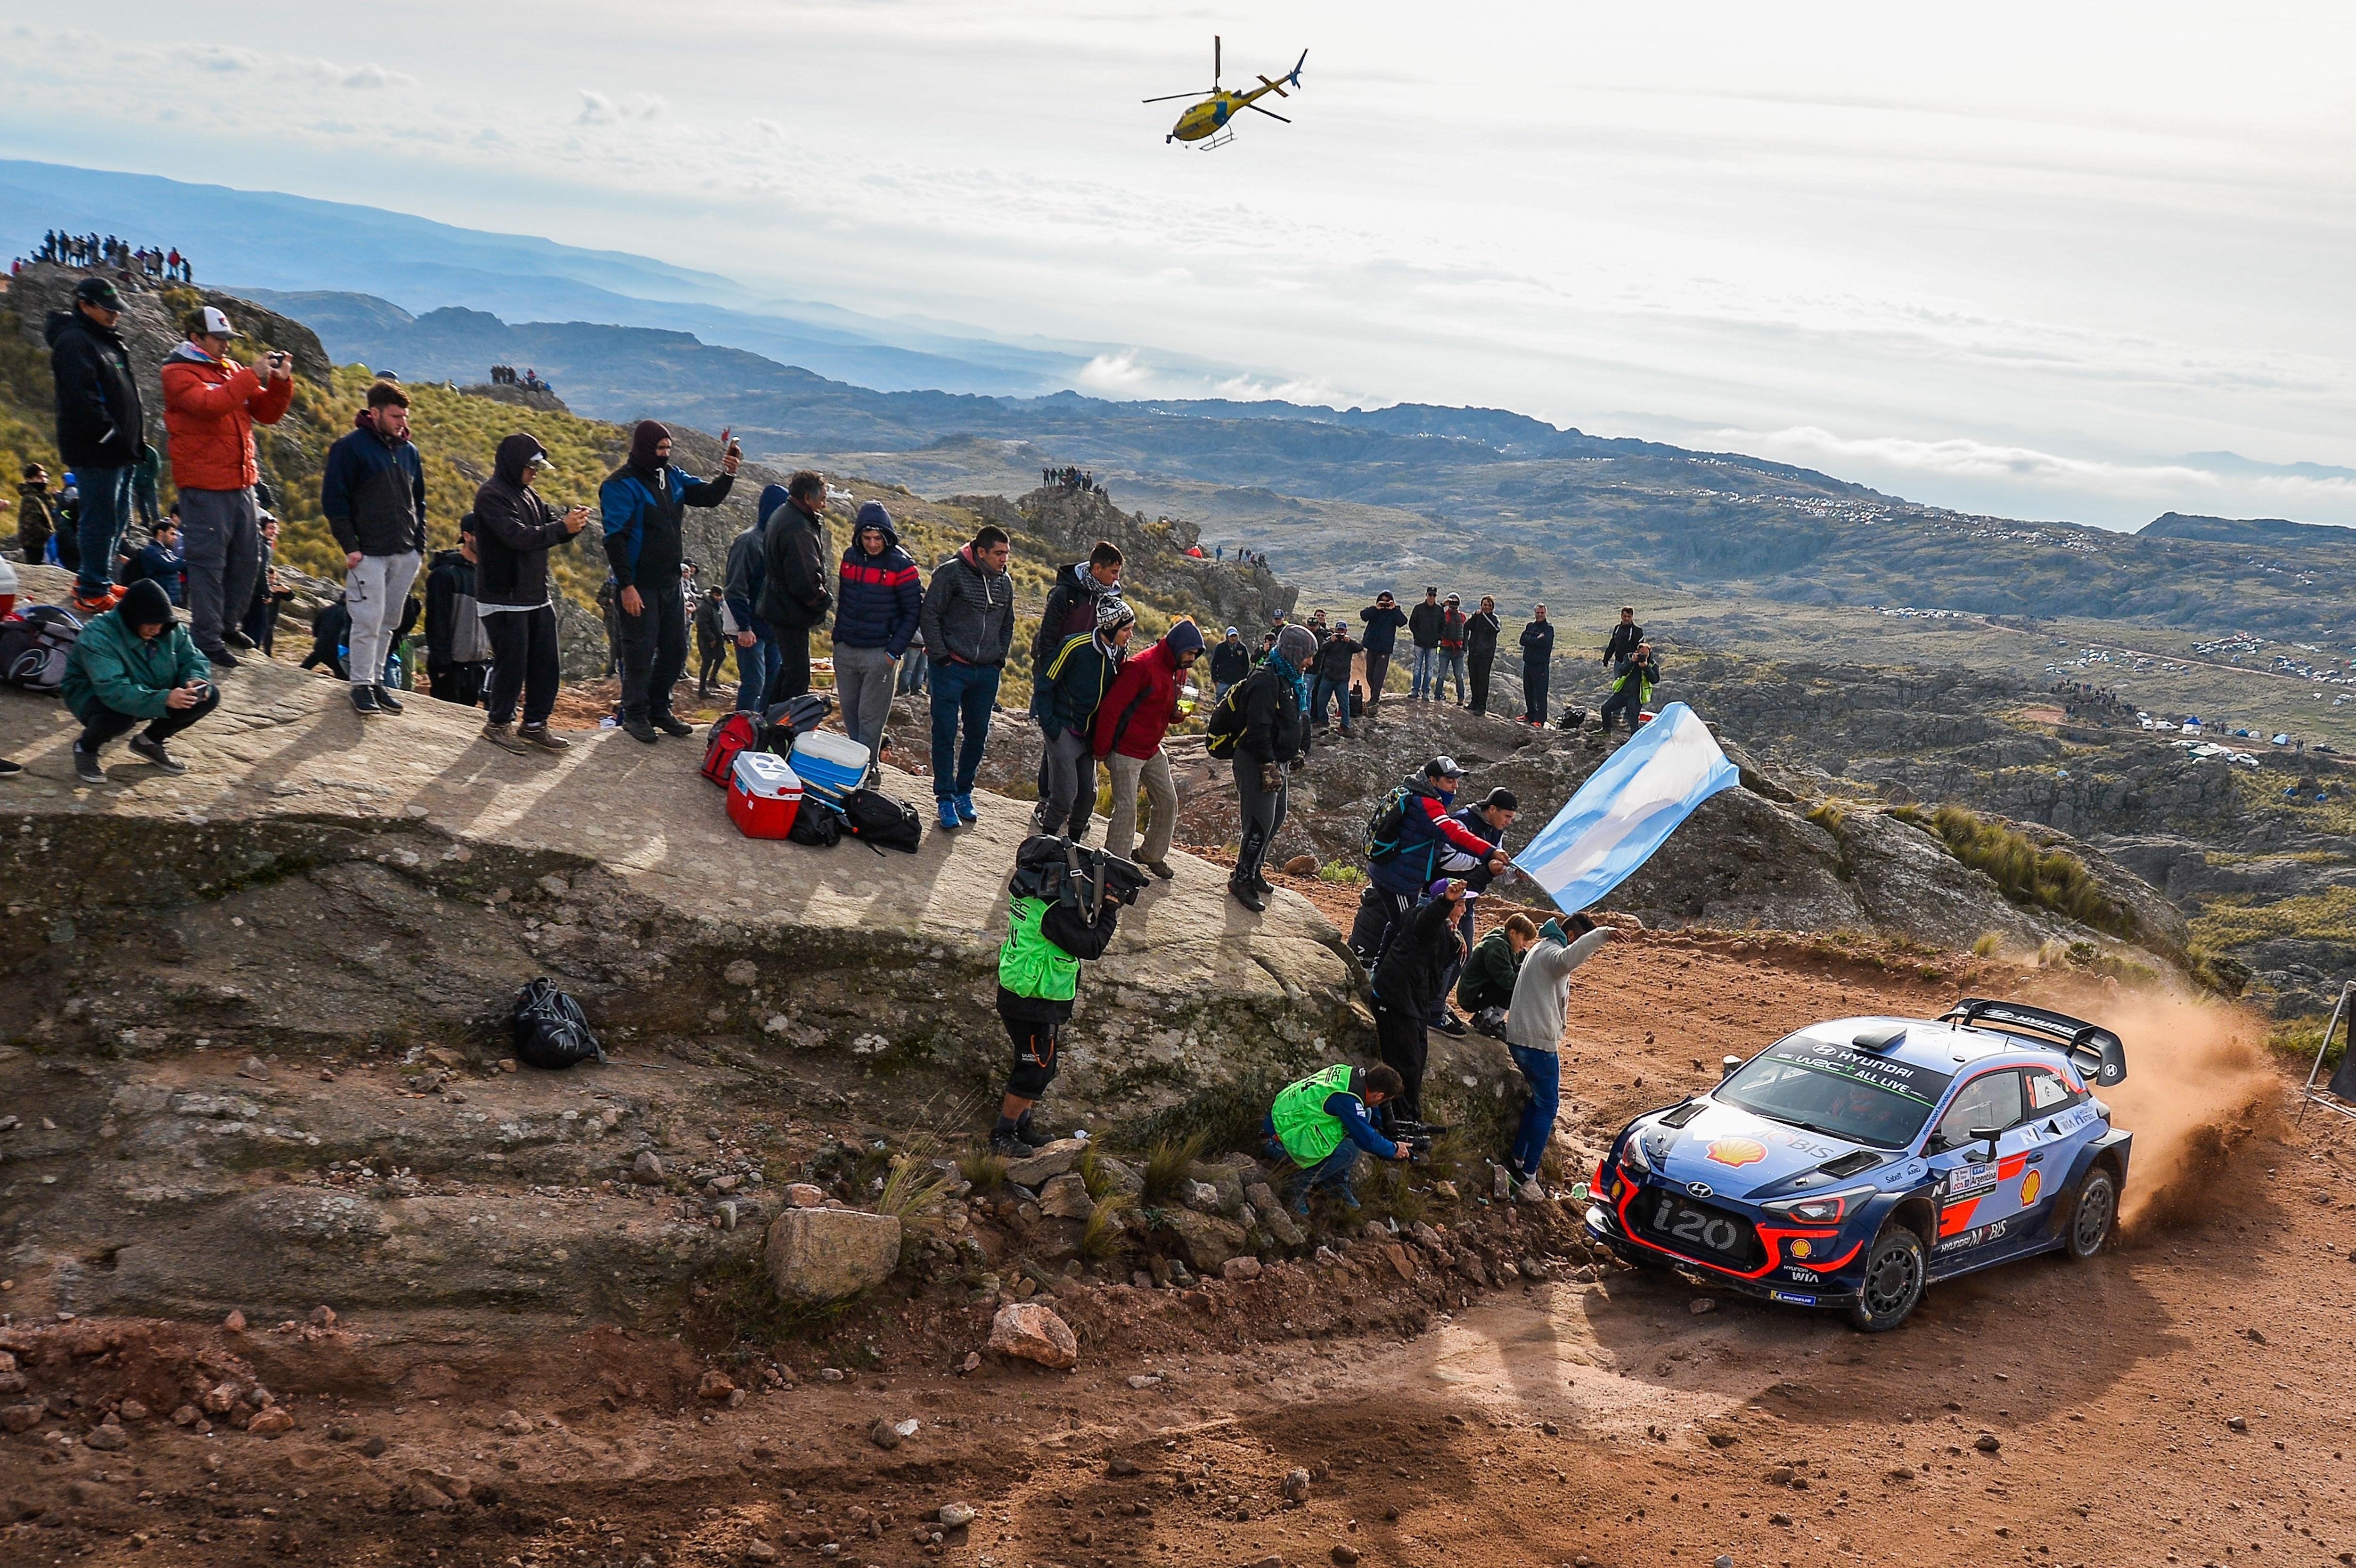 realizada por el Consejo Mundial de Automovilismo Deportivo de FIA que se celebr³ hoy en Pars se defini³ junto a otros temas el calendario del WRC